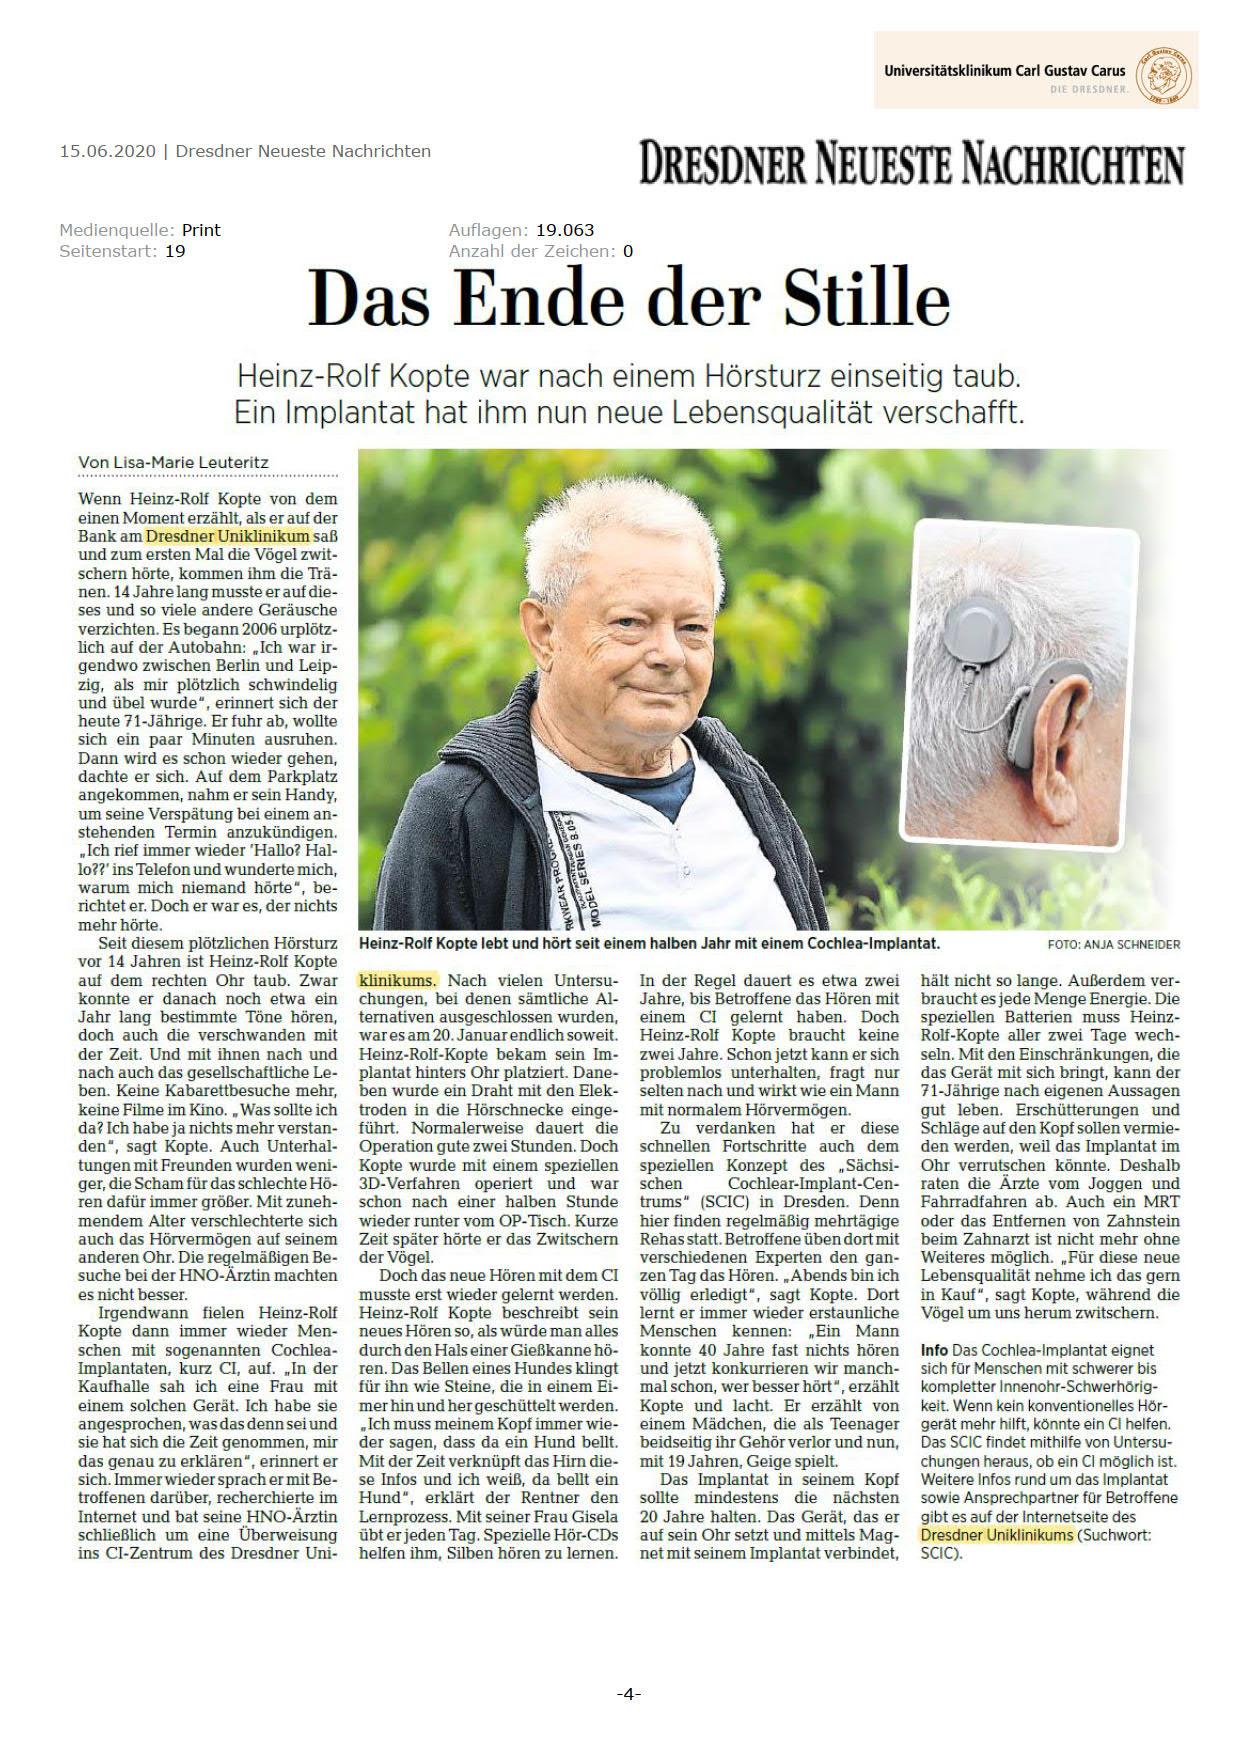 DNN_Das_Ende_der_Stille